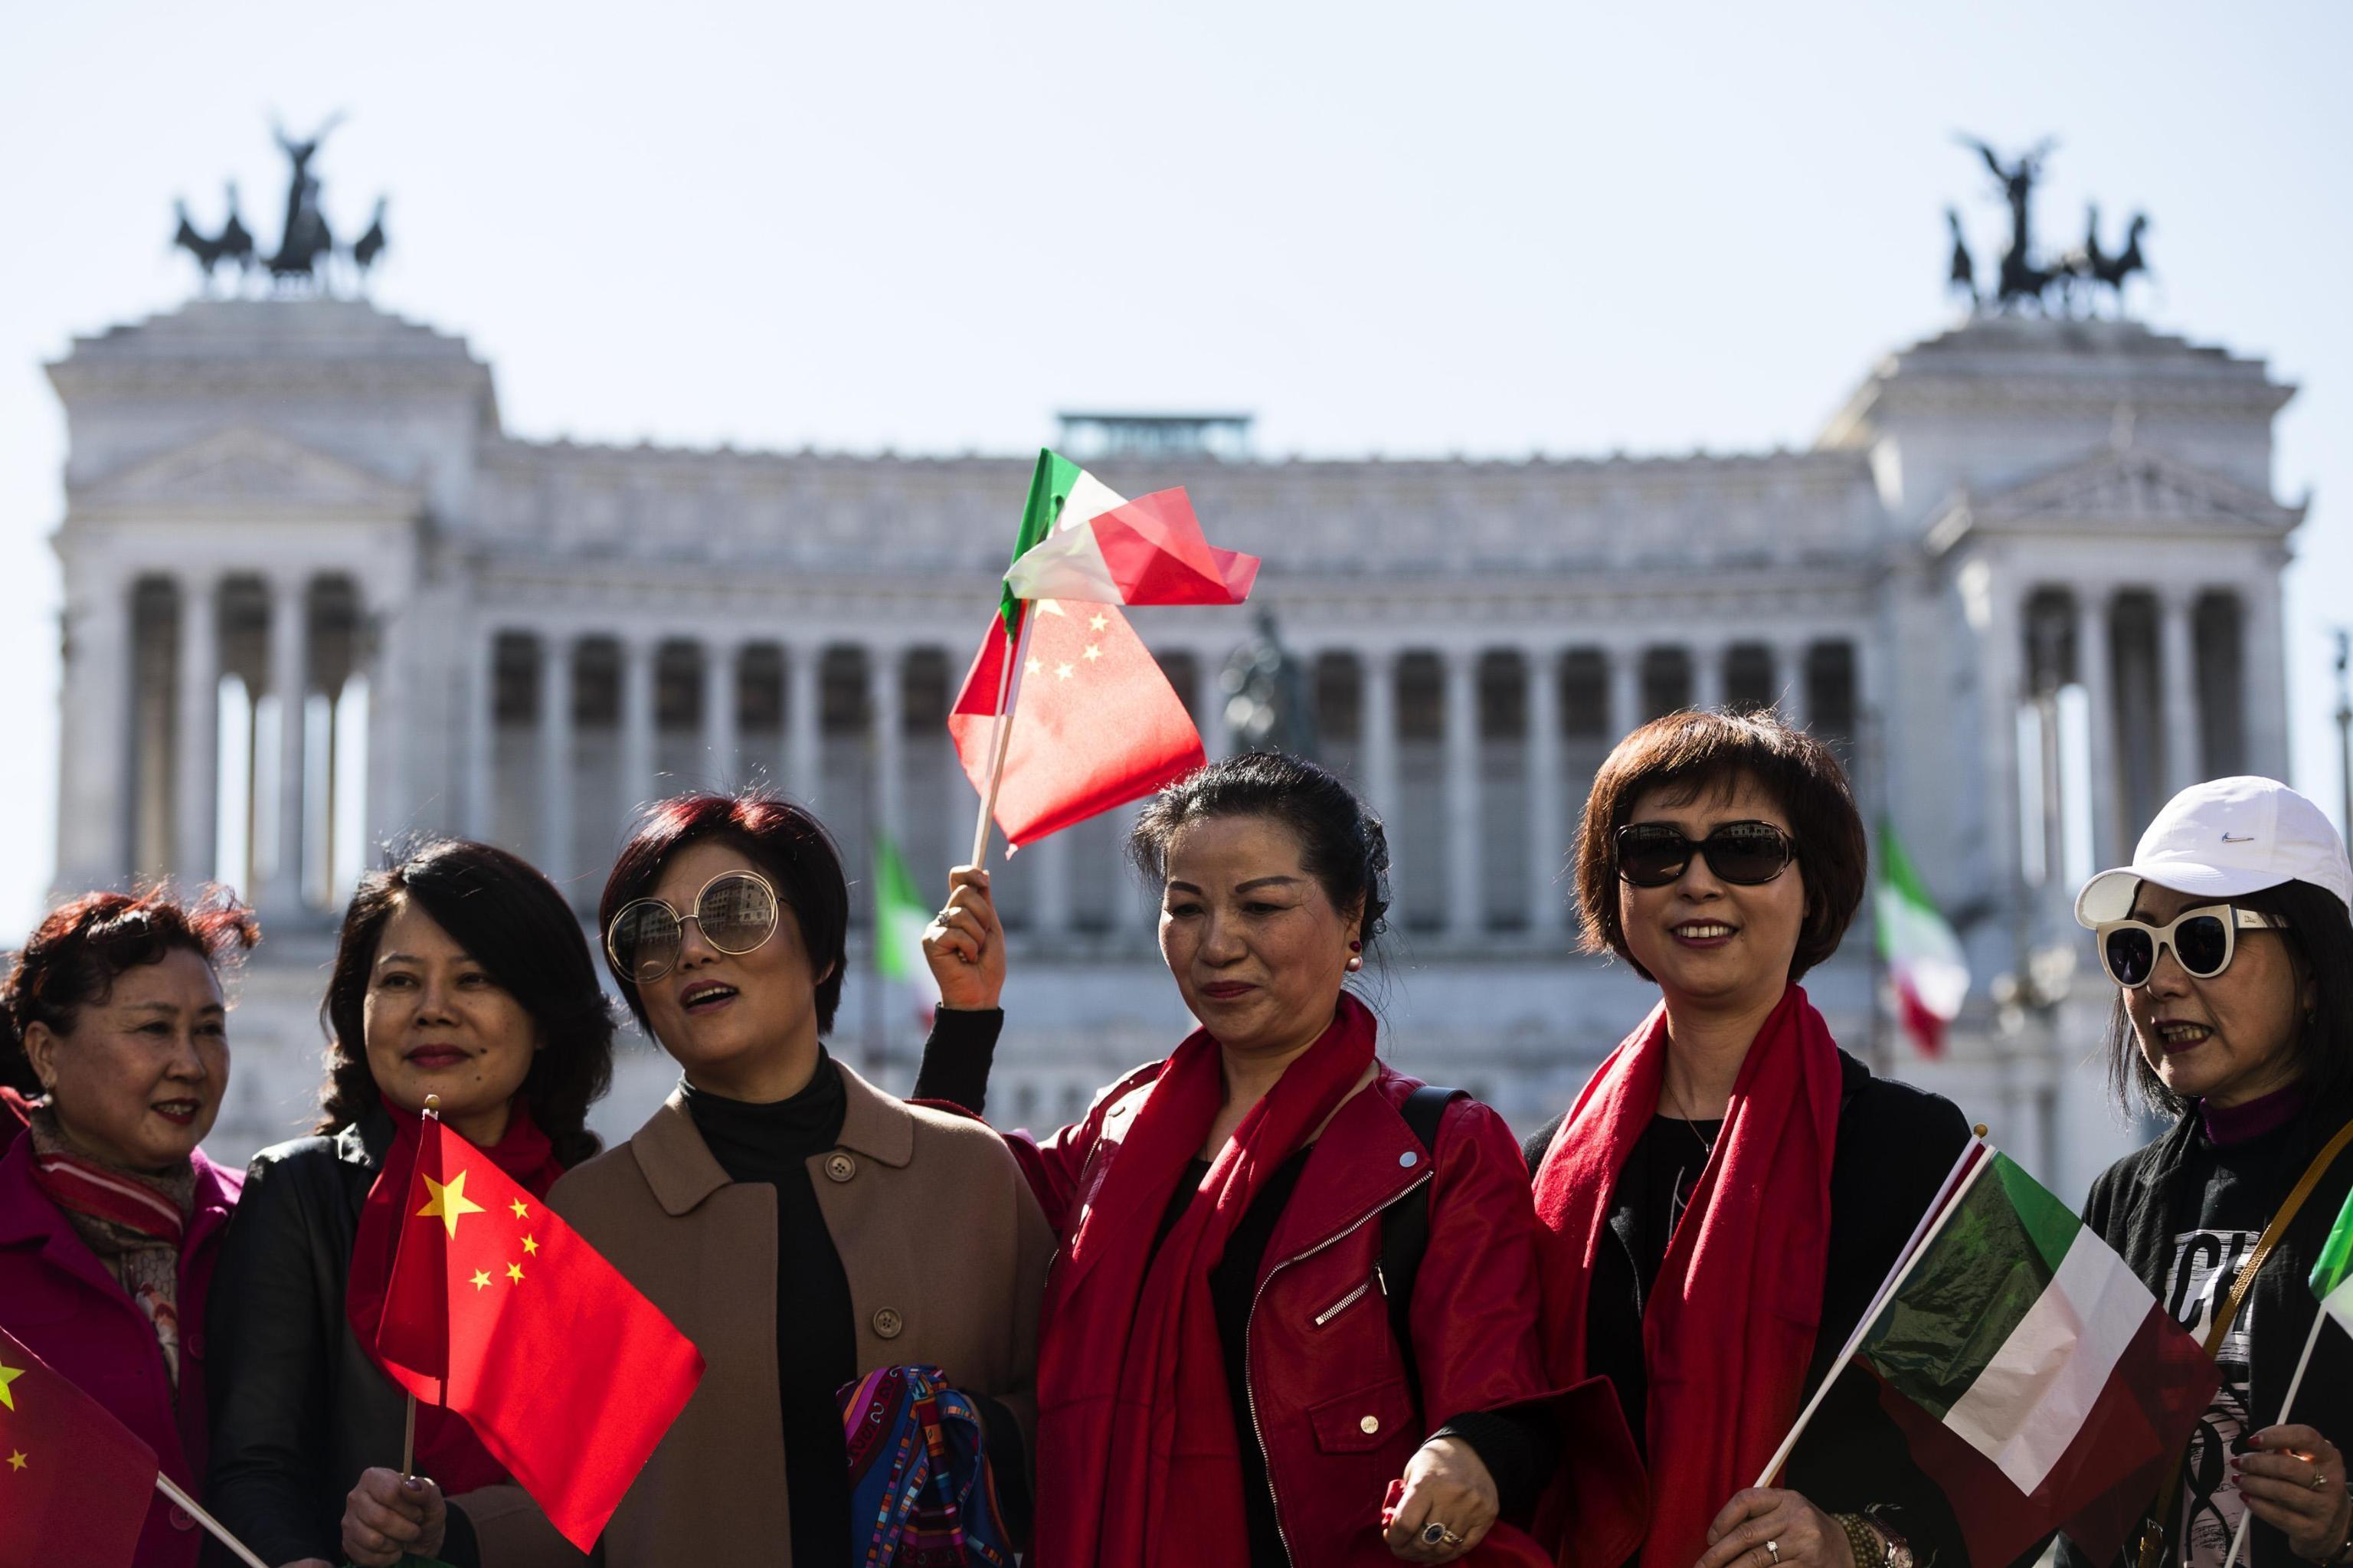 Donne cinesi festeggiano l'arrivo del Presidente della Repubblica Popolare Cinese Xi Jinping